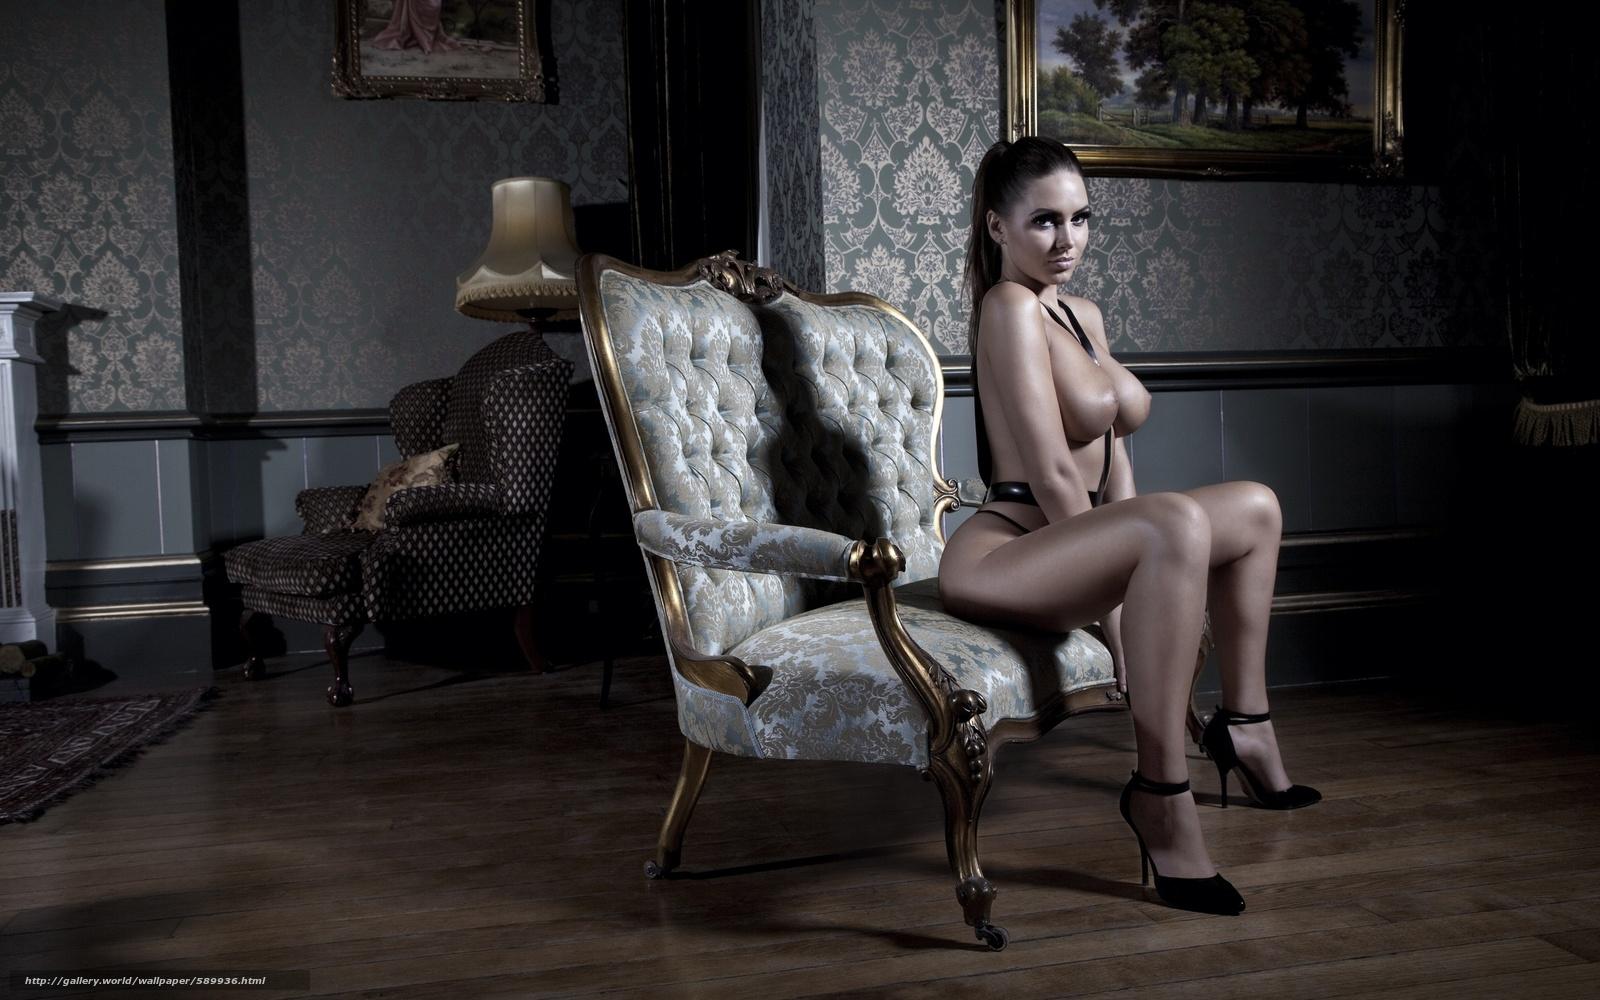 Смотреть секс сидя на кресле 23 фотография